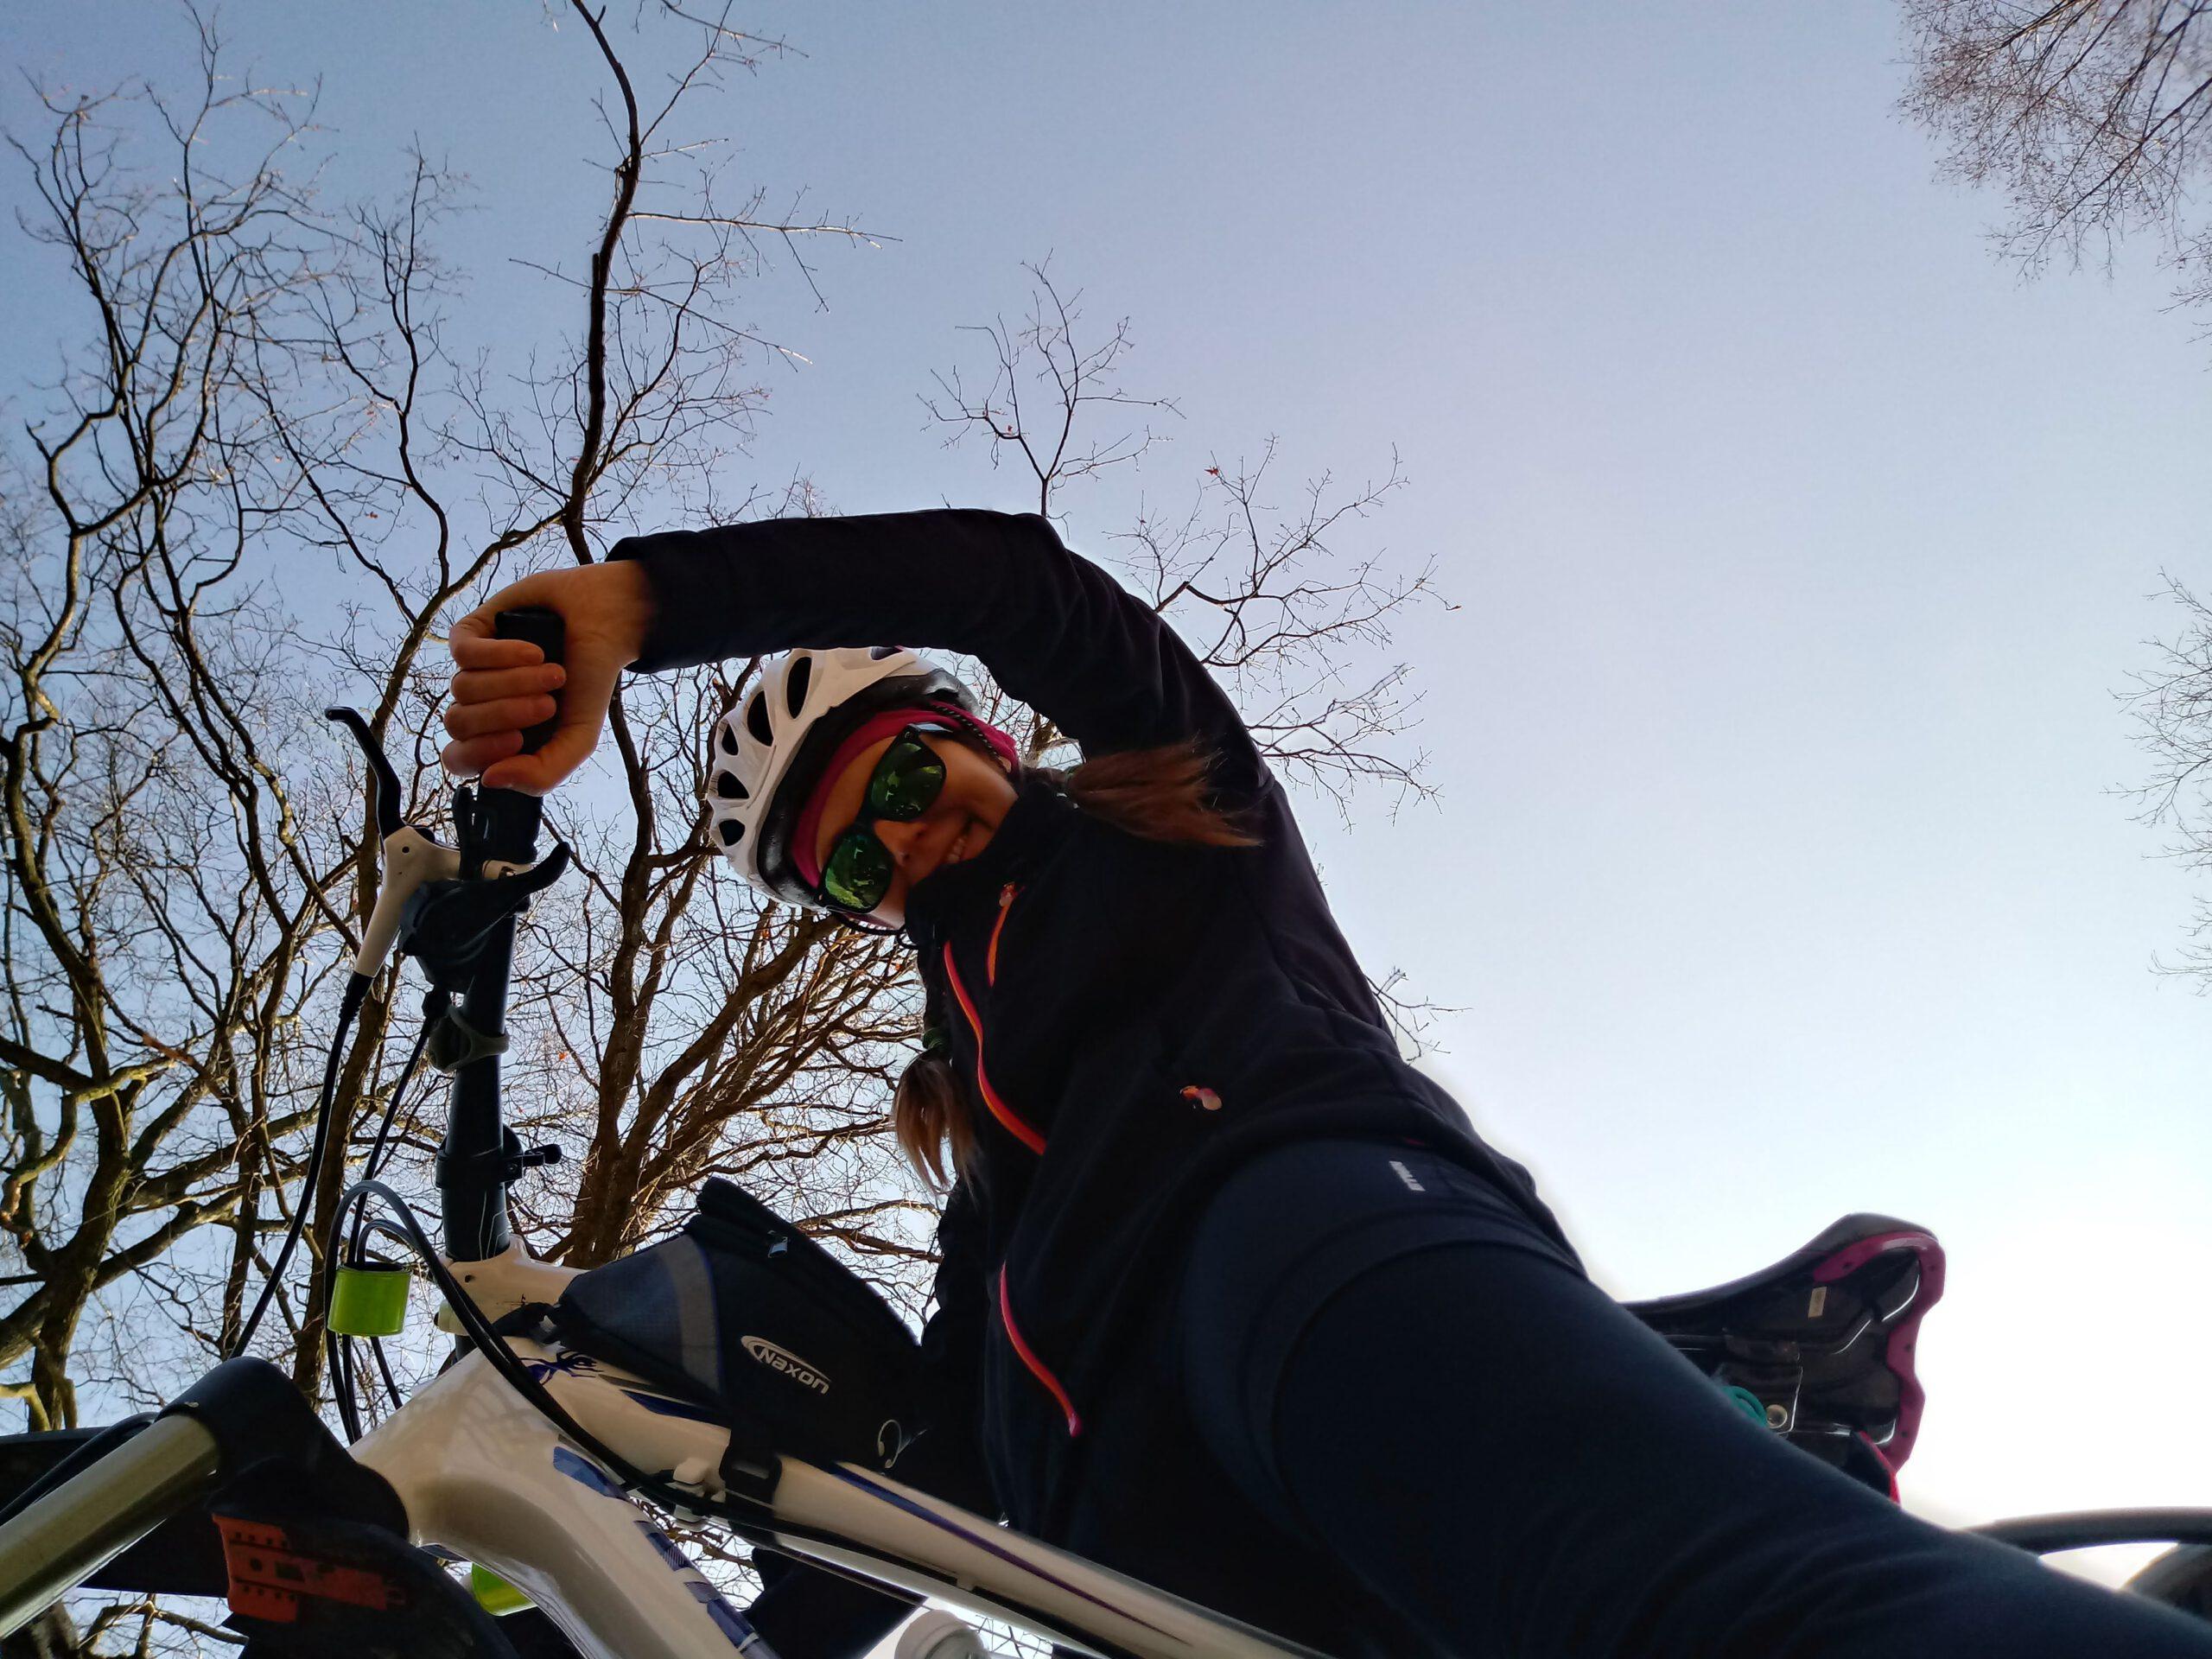 dziewczyna na rowerze na tle nieba